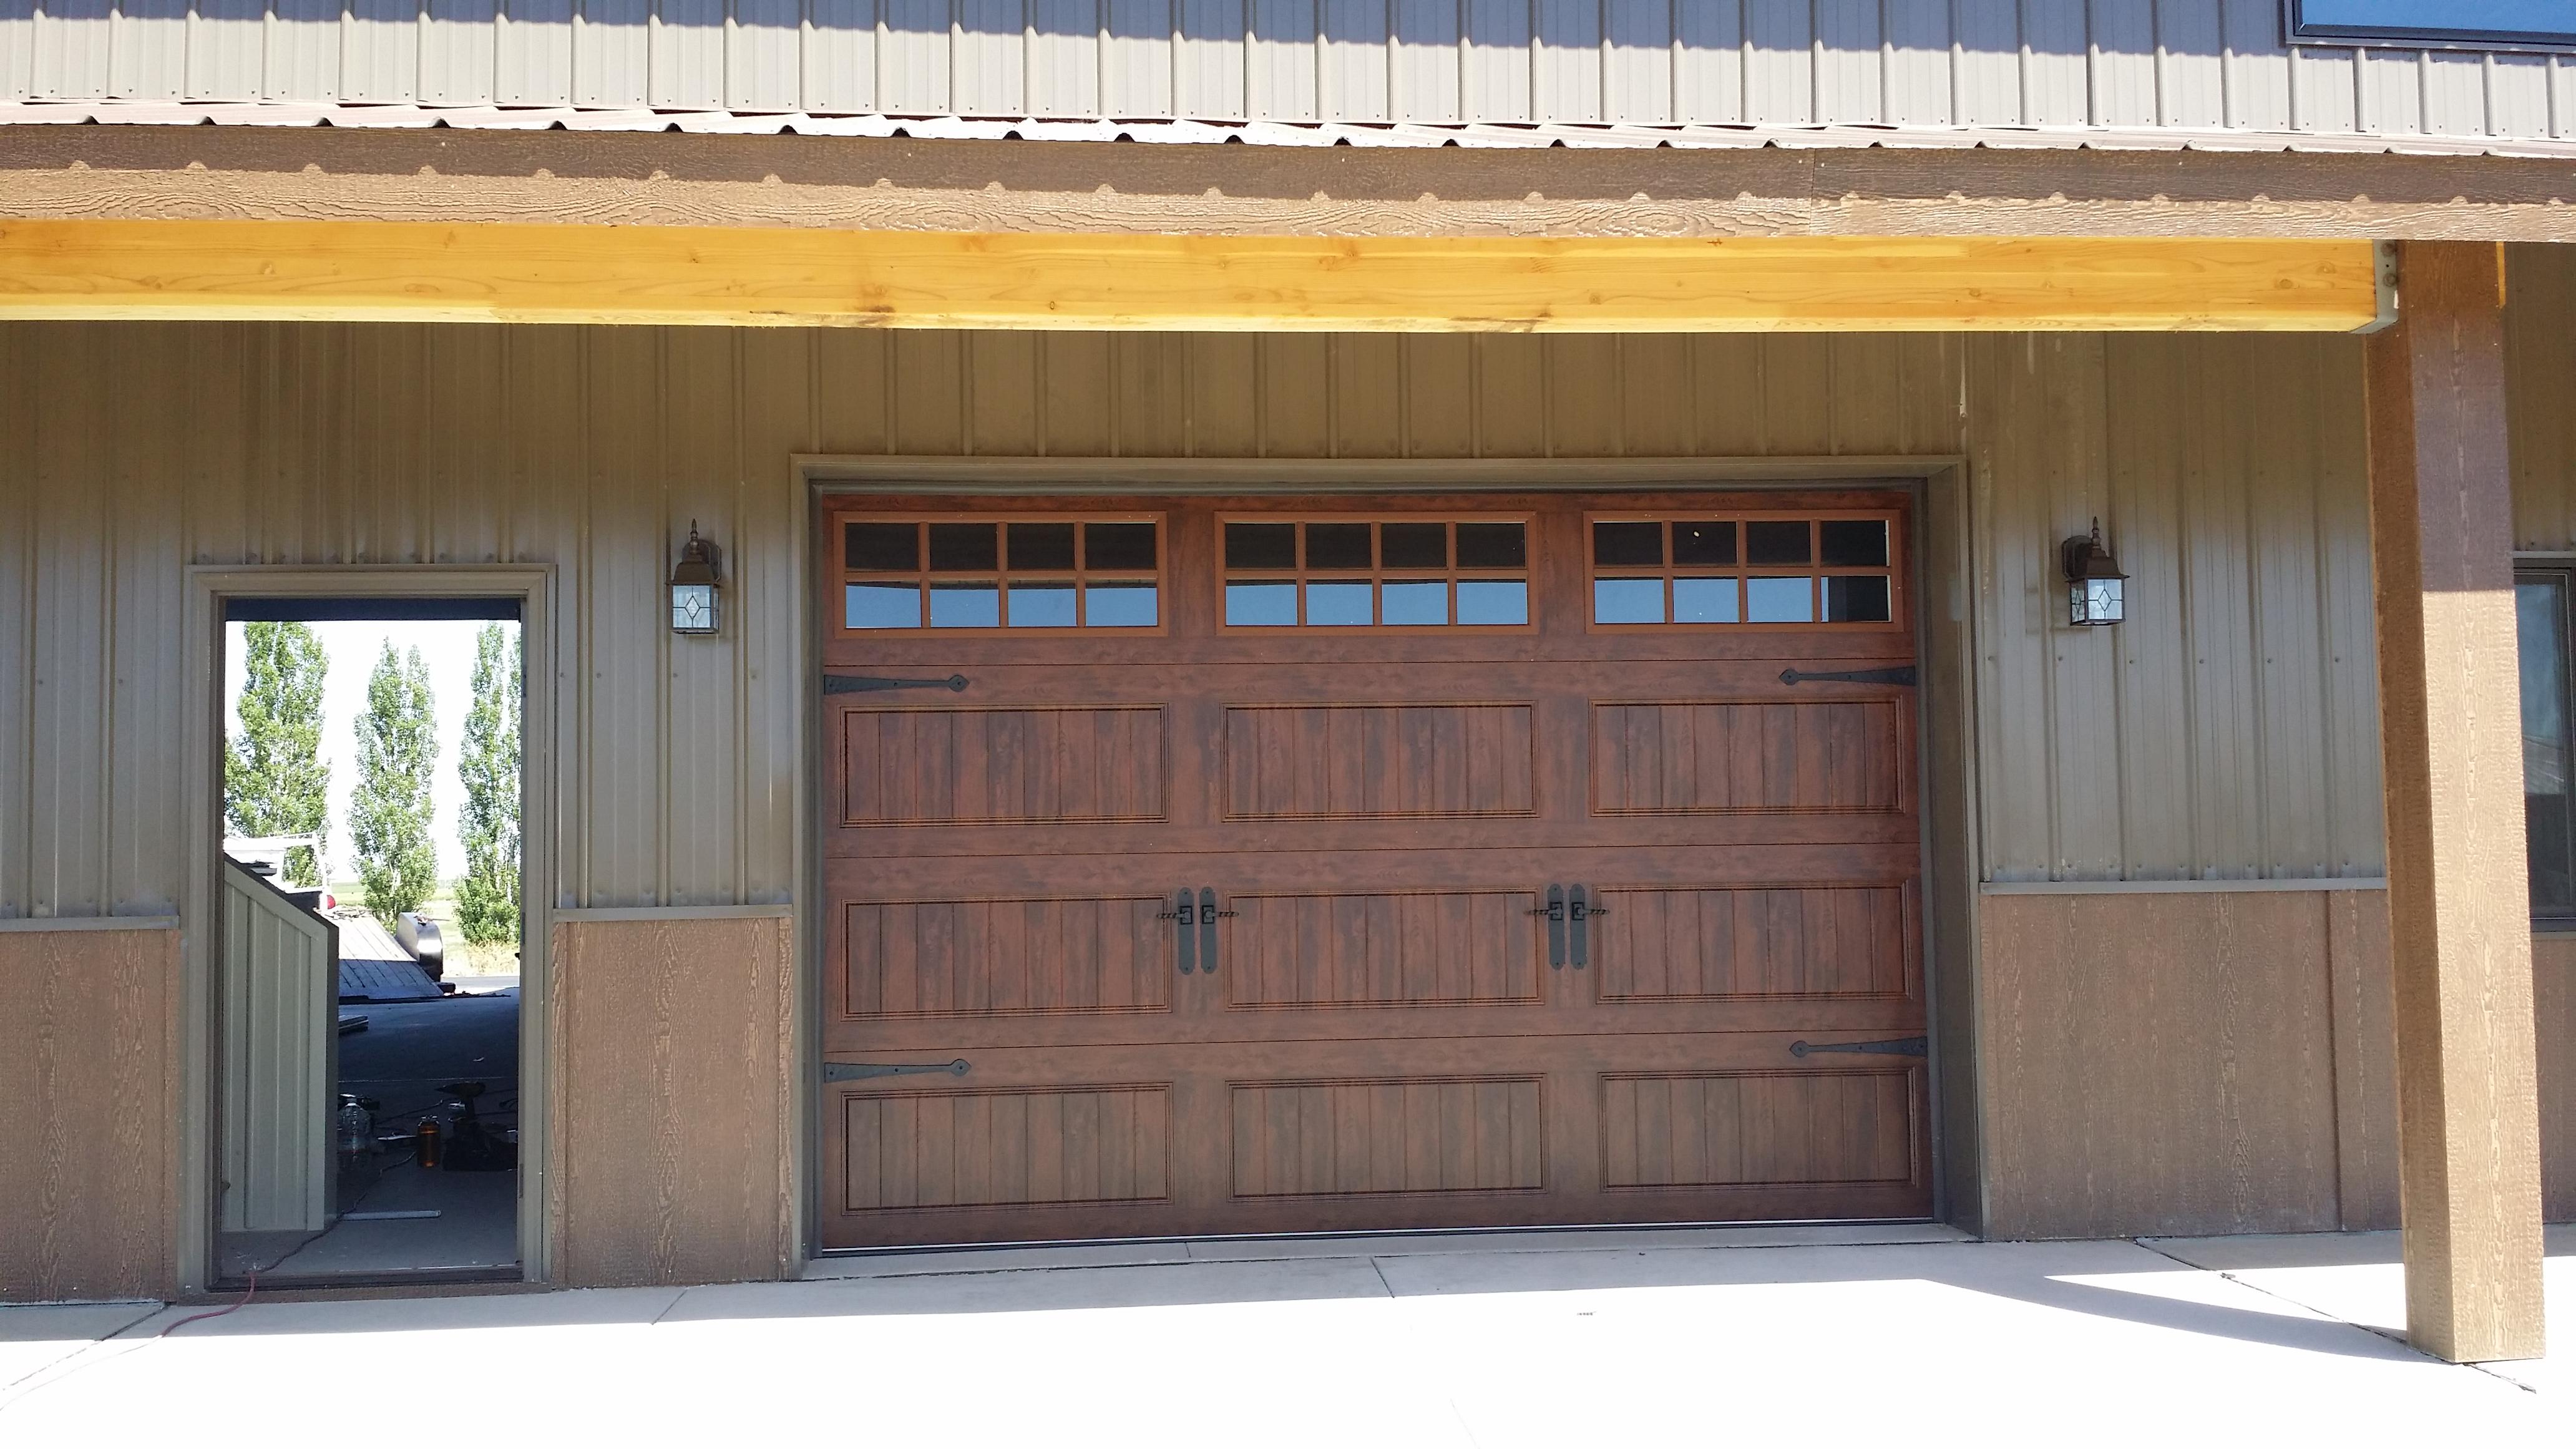 12x8 garage door ppi blog gallery 12x8 gd2lu sq24 wo rubansaba